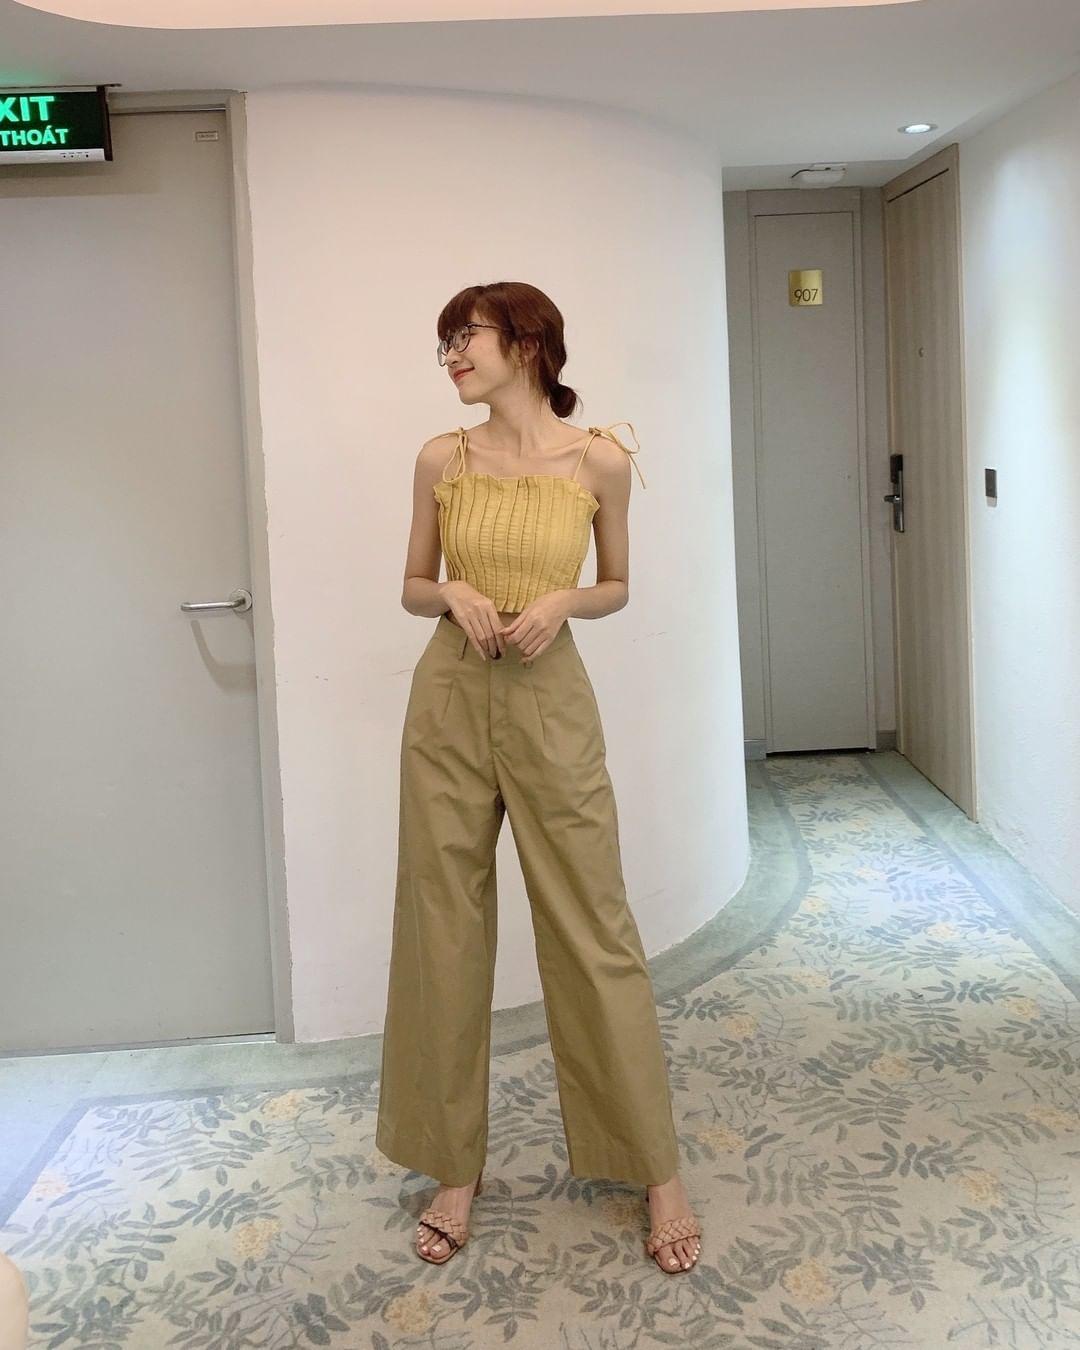 Tổng hợp áo hai dây đáng mua nhất ở các shop: Giá chỉ từ 180k mà xinh như thiên thần - Ảnh 7.